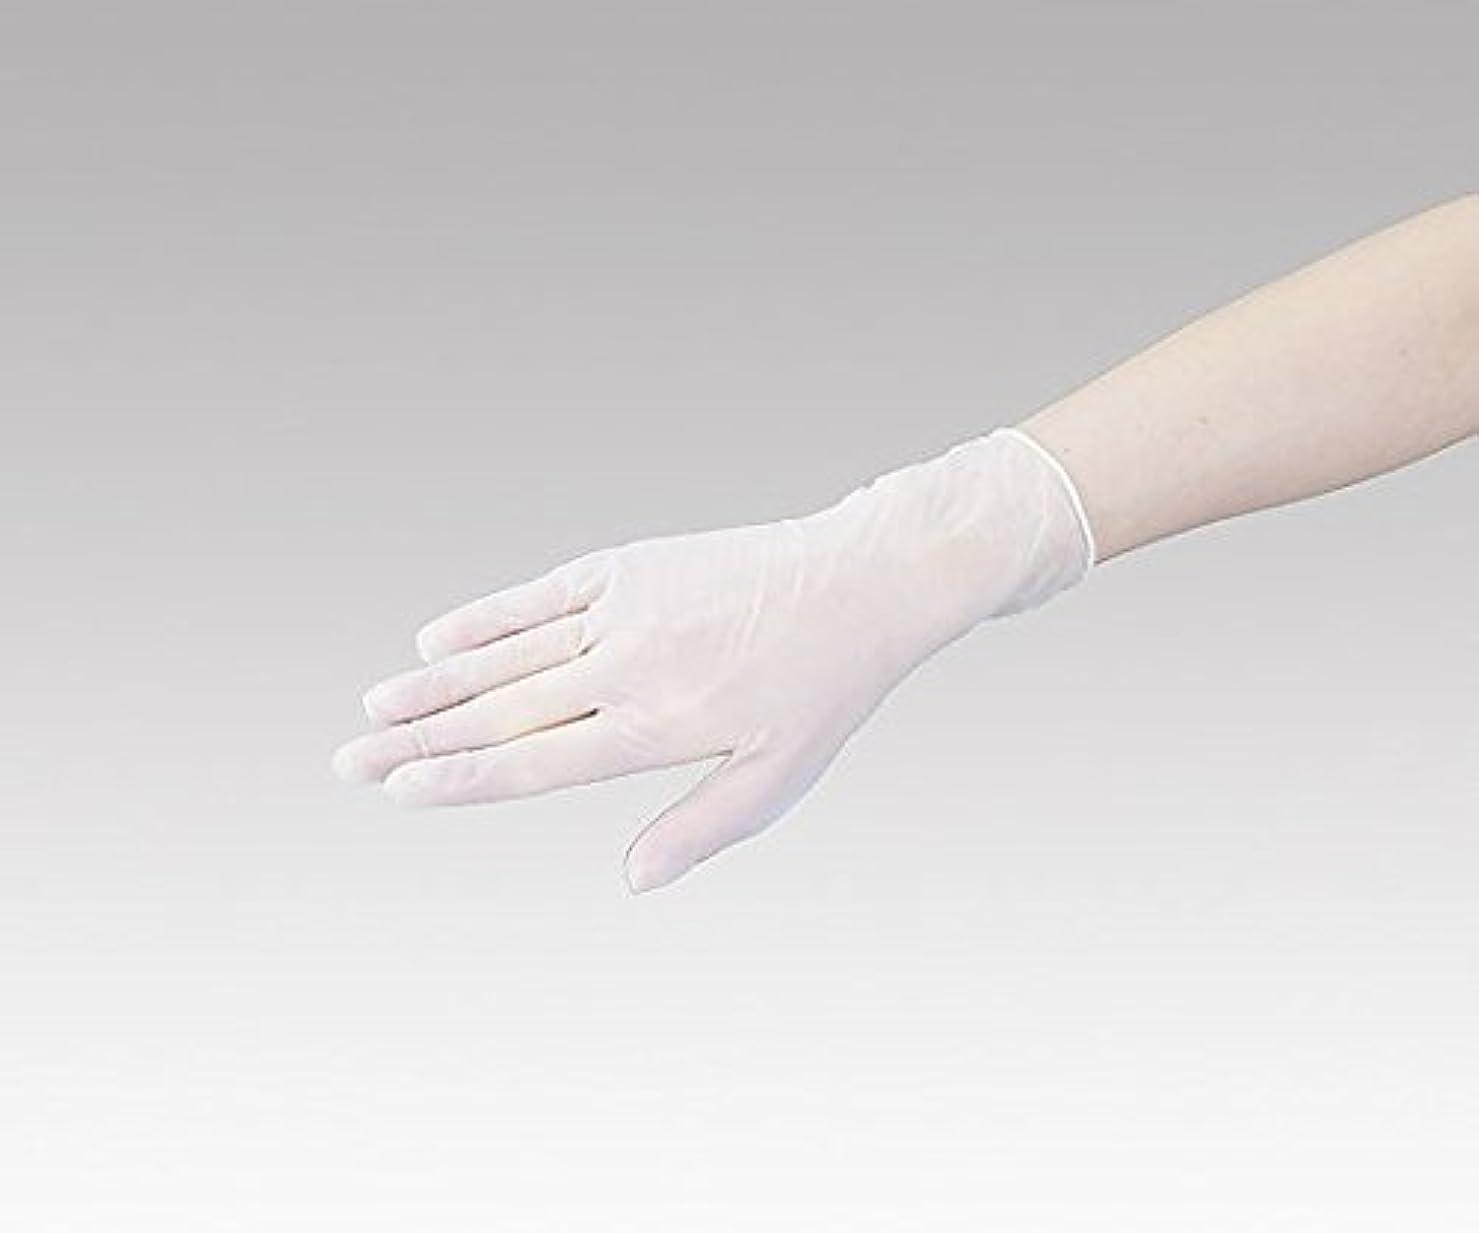 スクランブル口径バスケットボールナビス(アズワン)0-9867-03ナビロールプラスチック手袋S100入